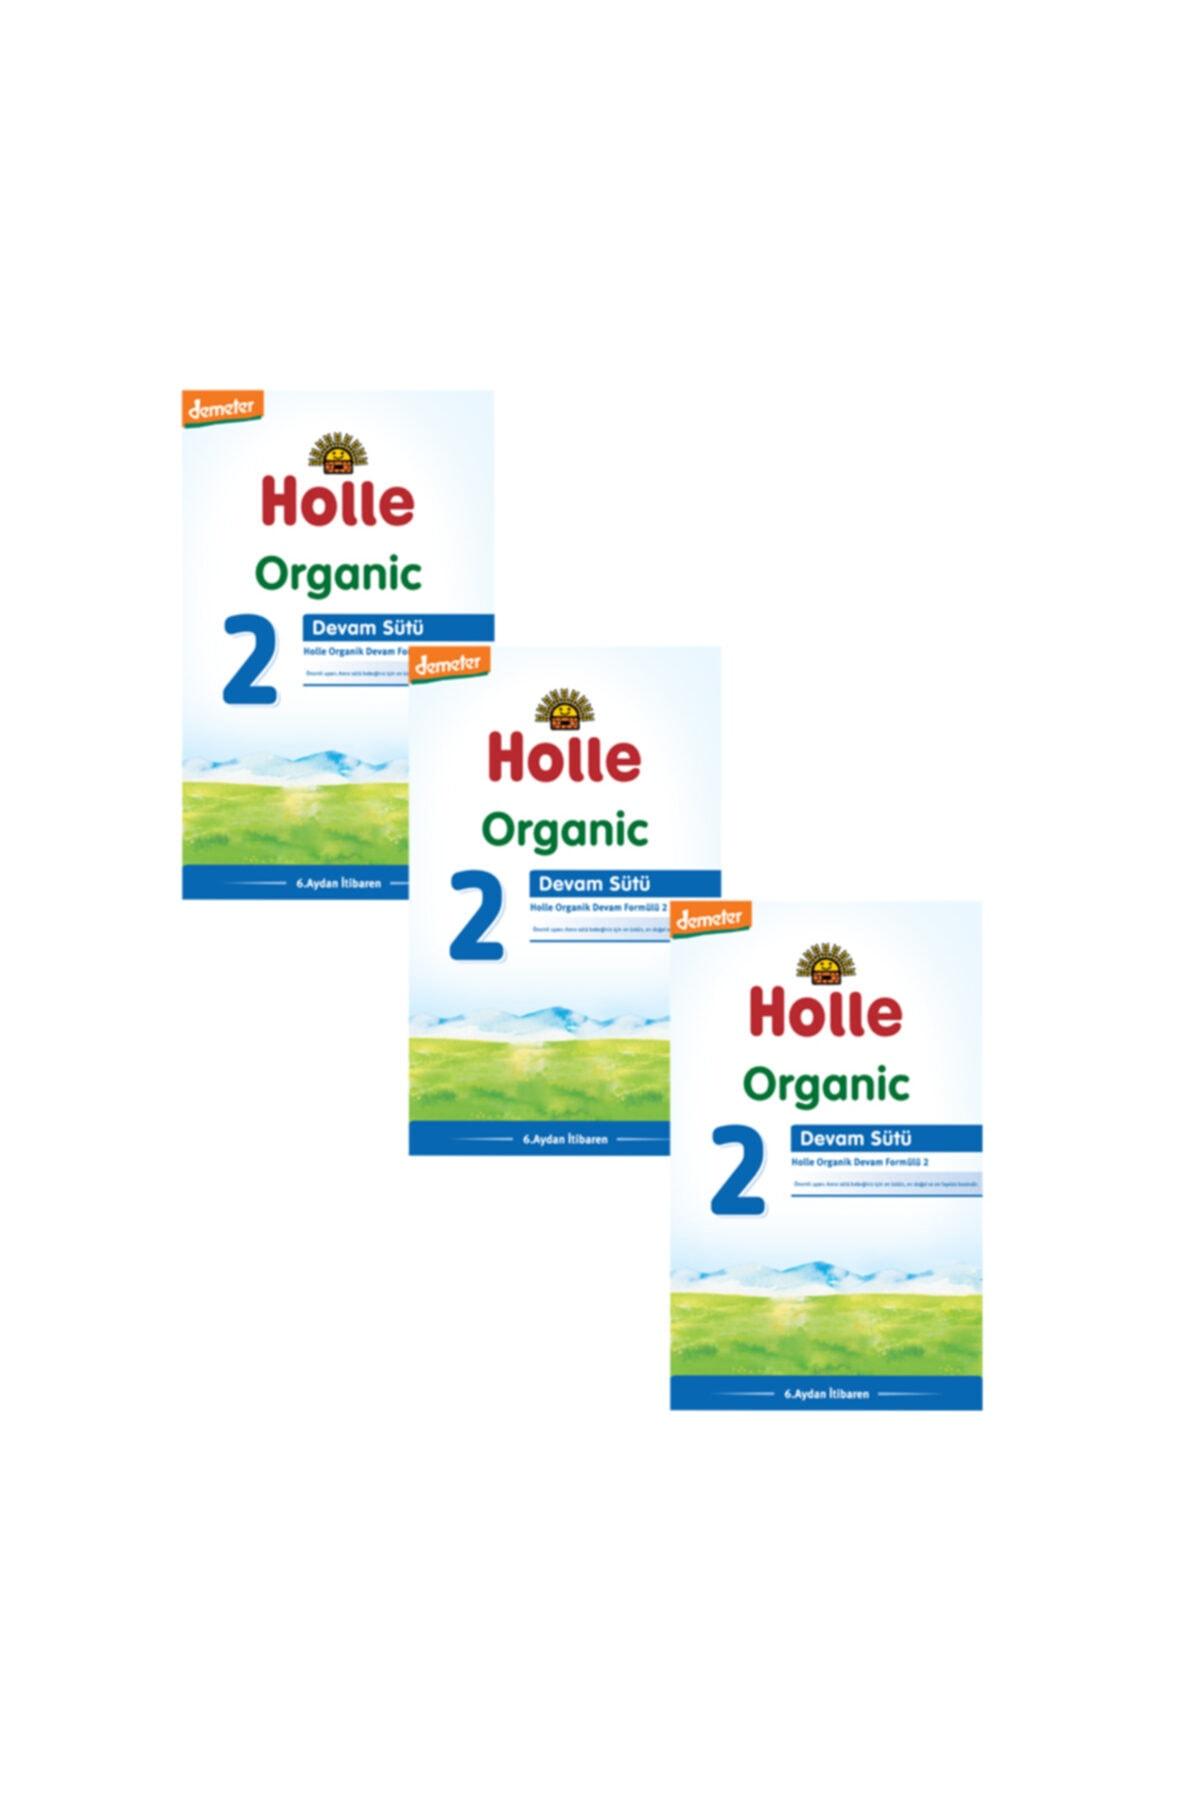 Holle Organik Devam Sütü 2 600 gr - 3'lü Paket 1